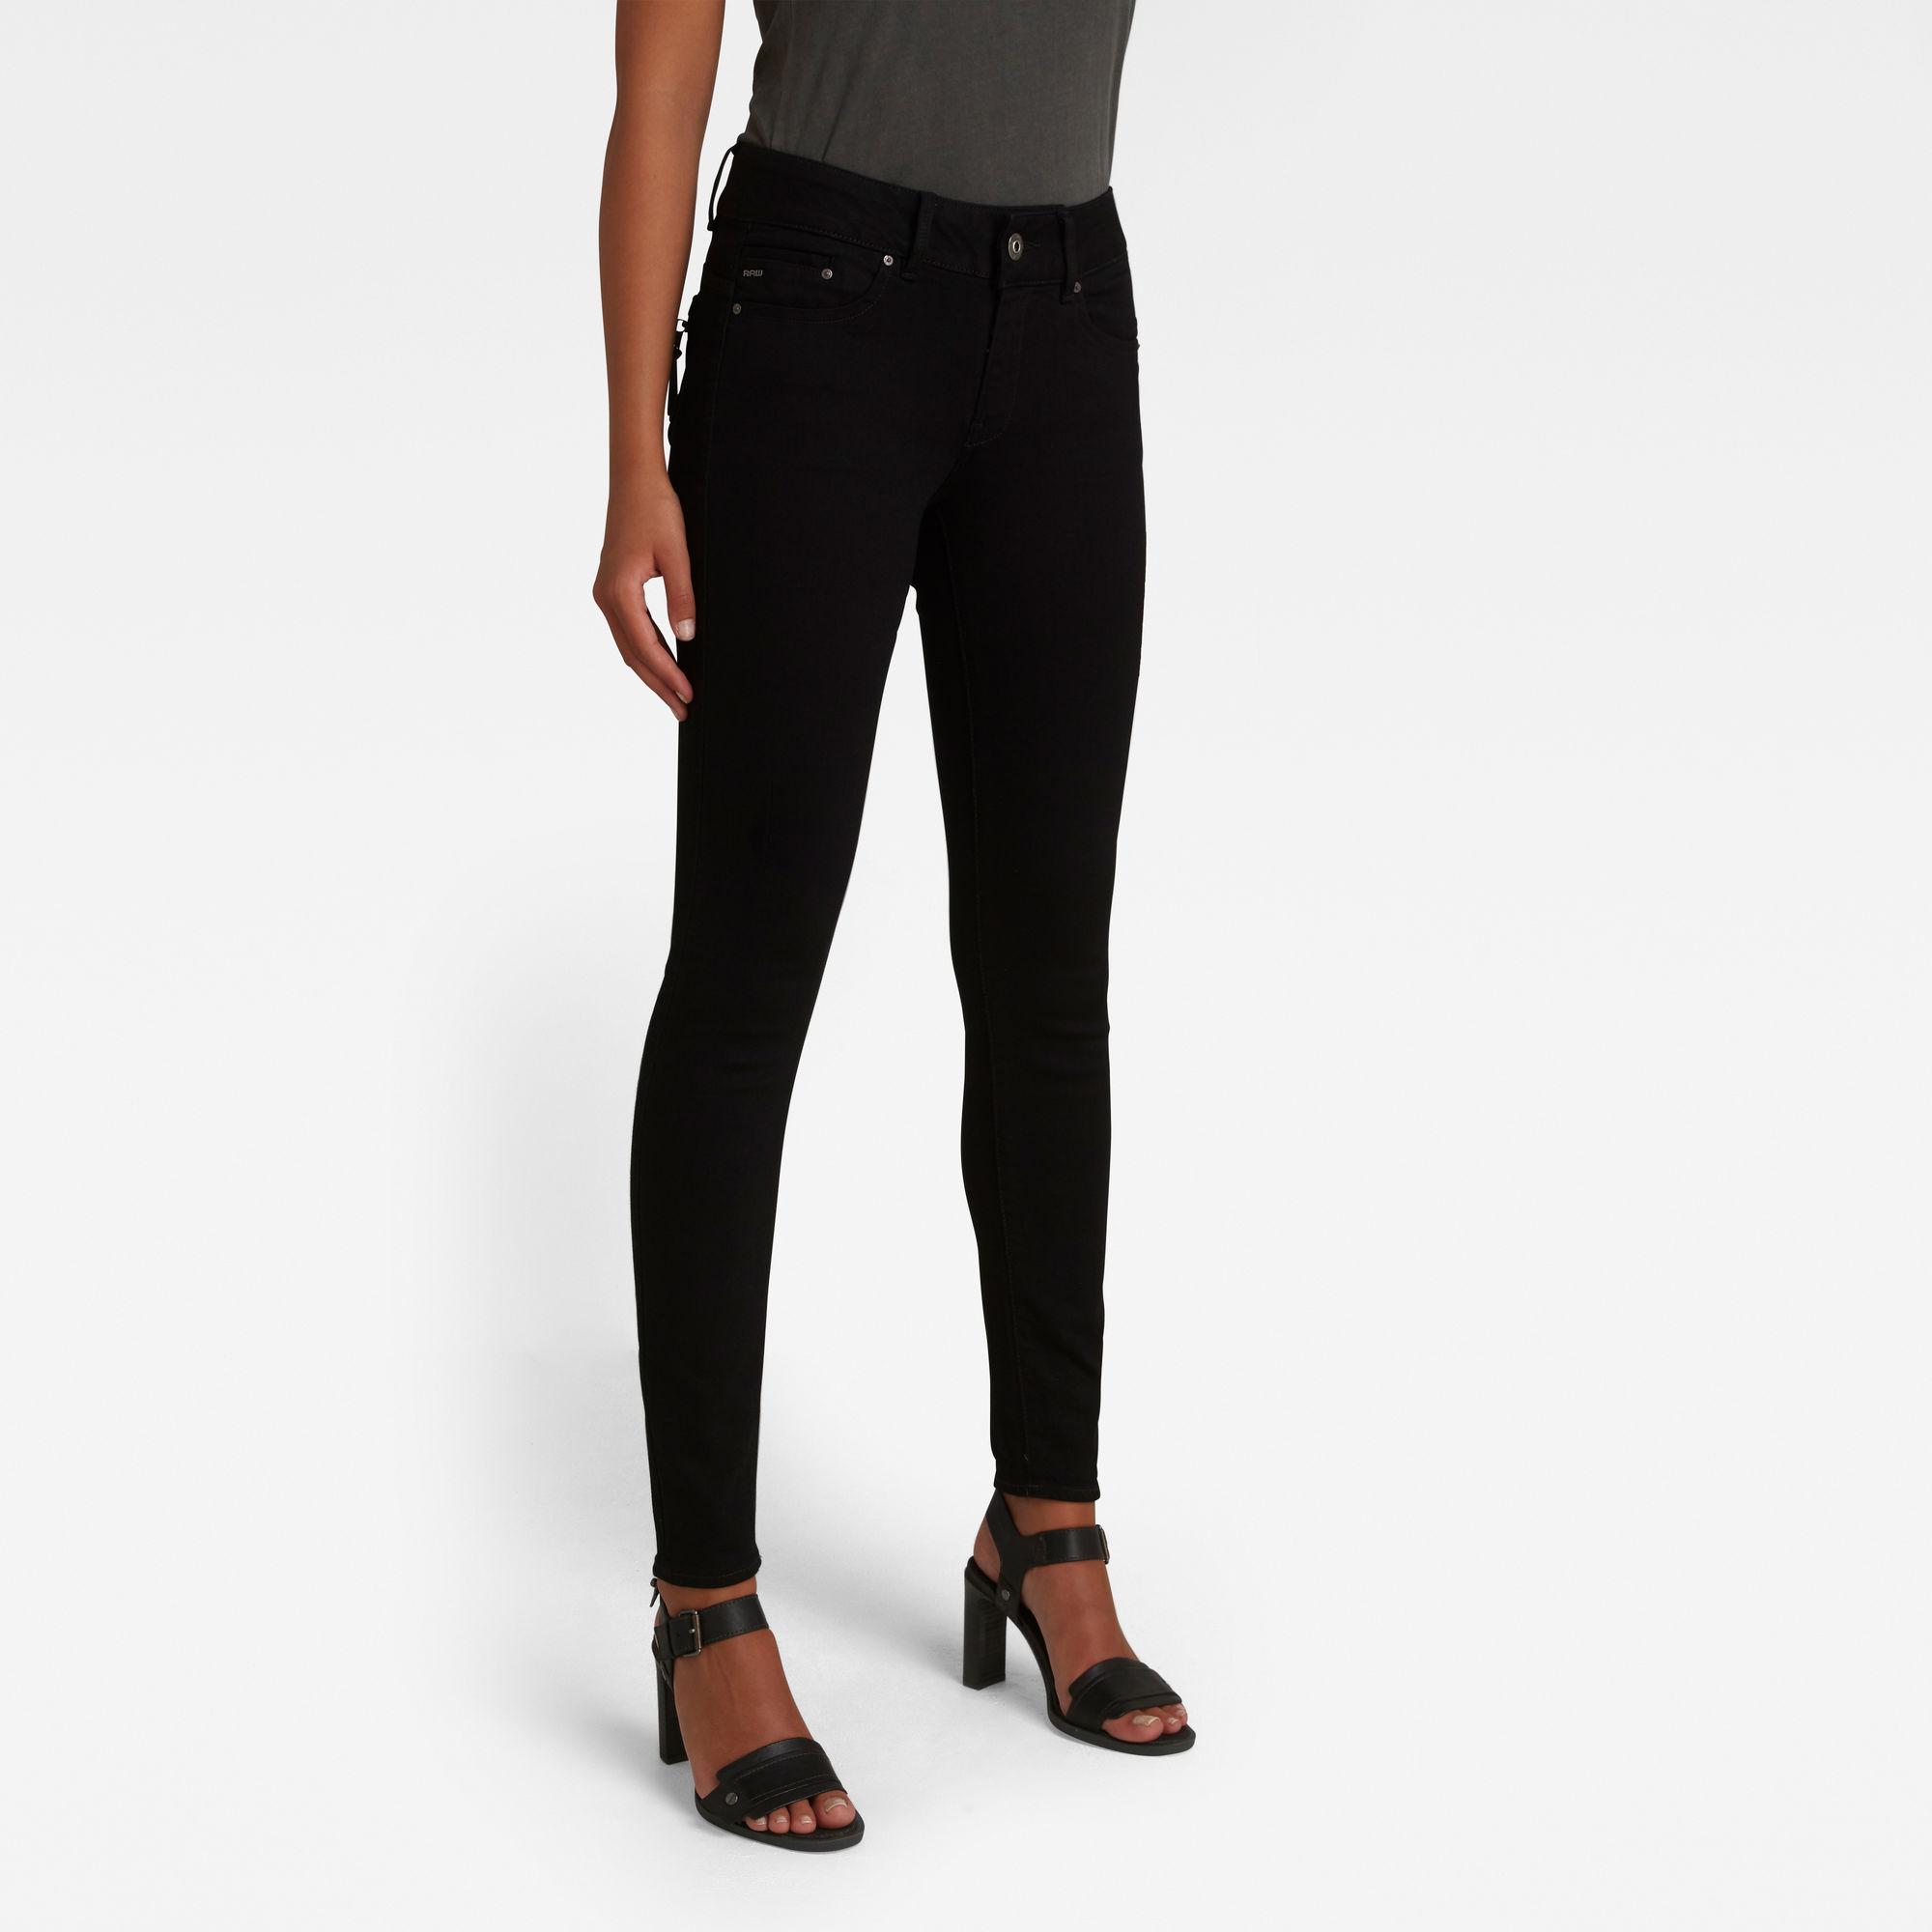 G-Star RAW Dames Midge Cody Mid Skinny Jeans Zwart